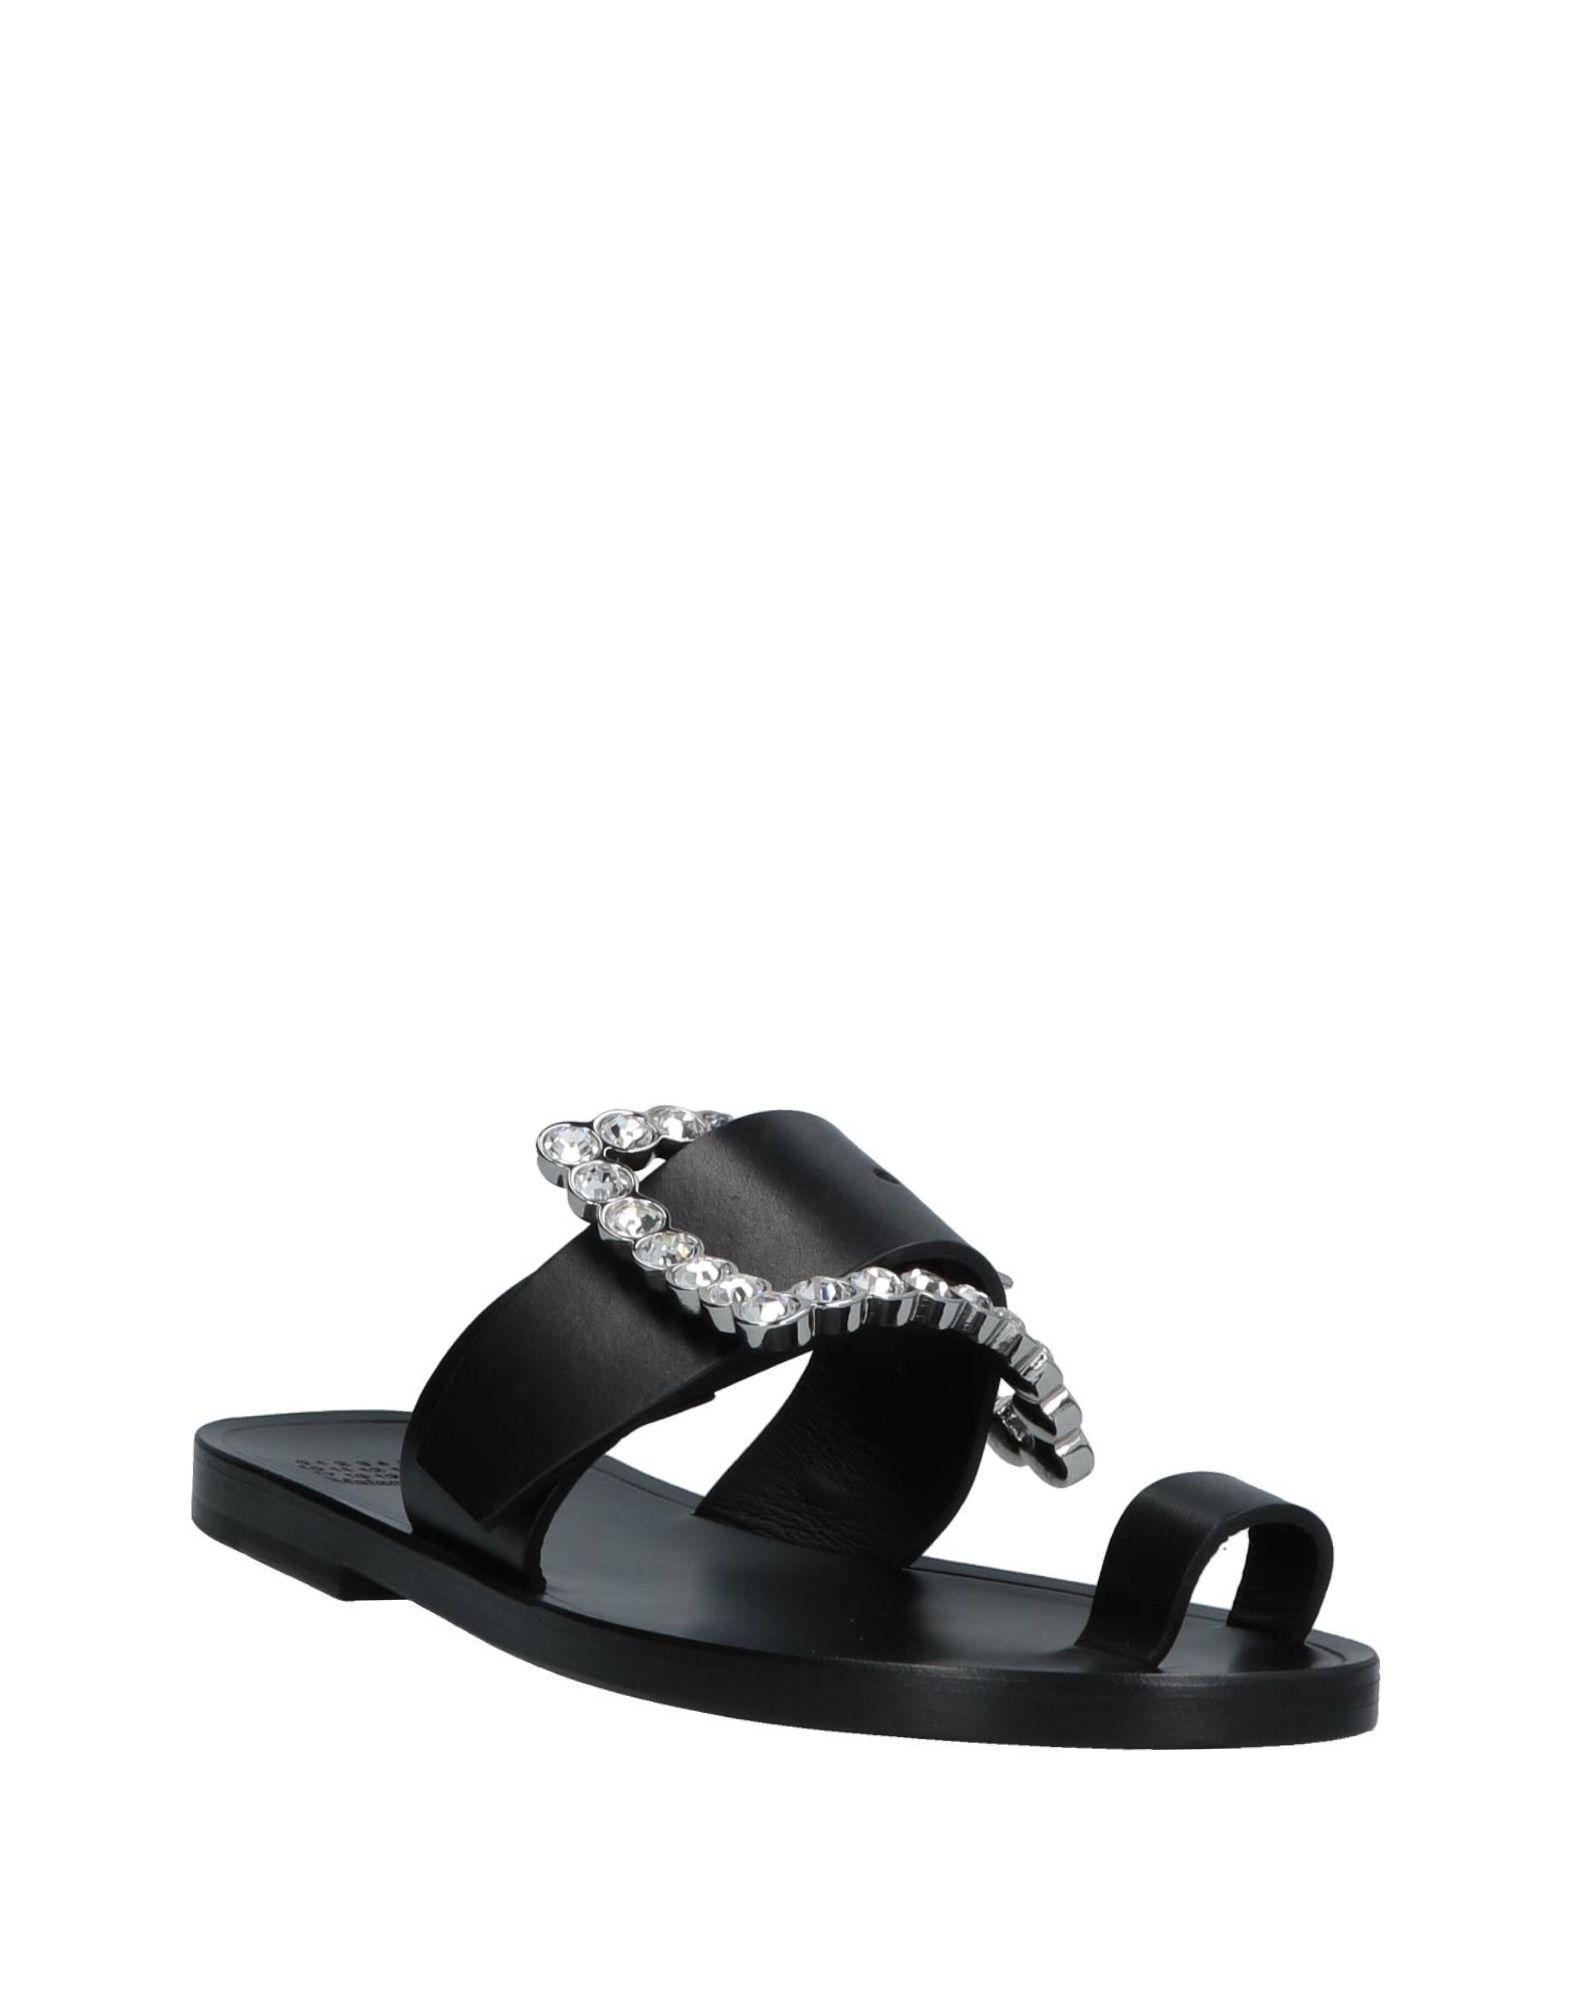 Maison gut Margiela Dianetten Damen 11569778EBGünstige gut Maison aussehende Schuhe f1bb2d